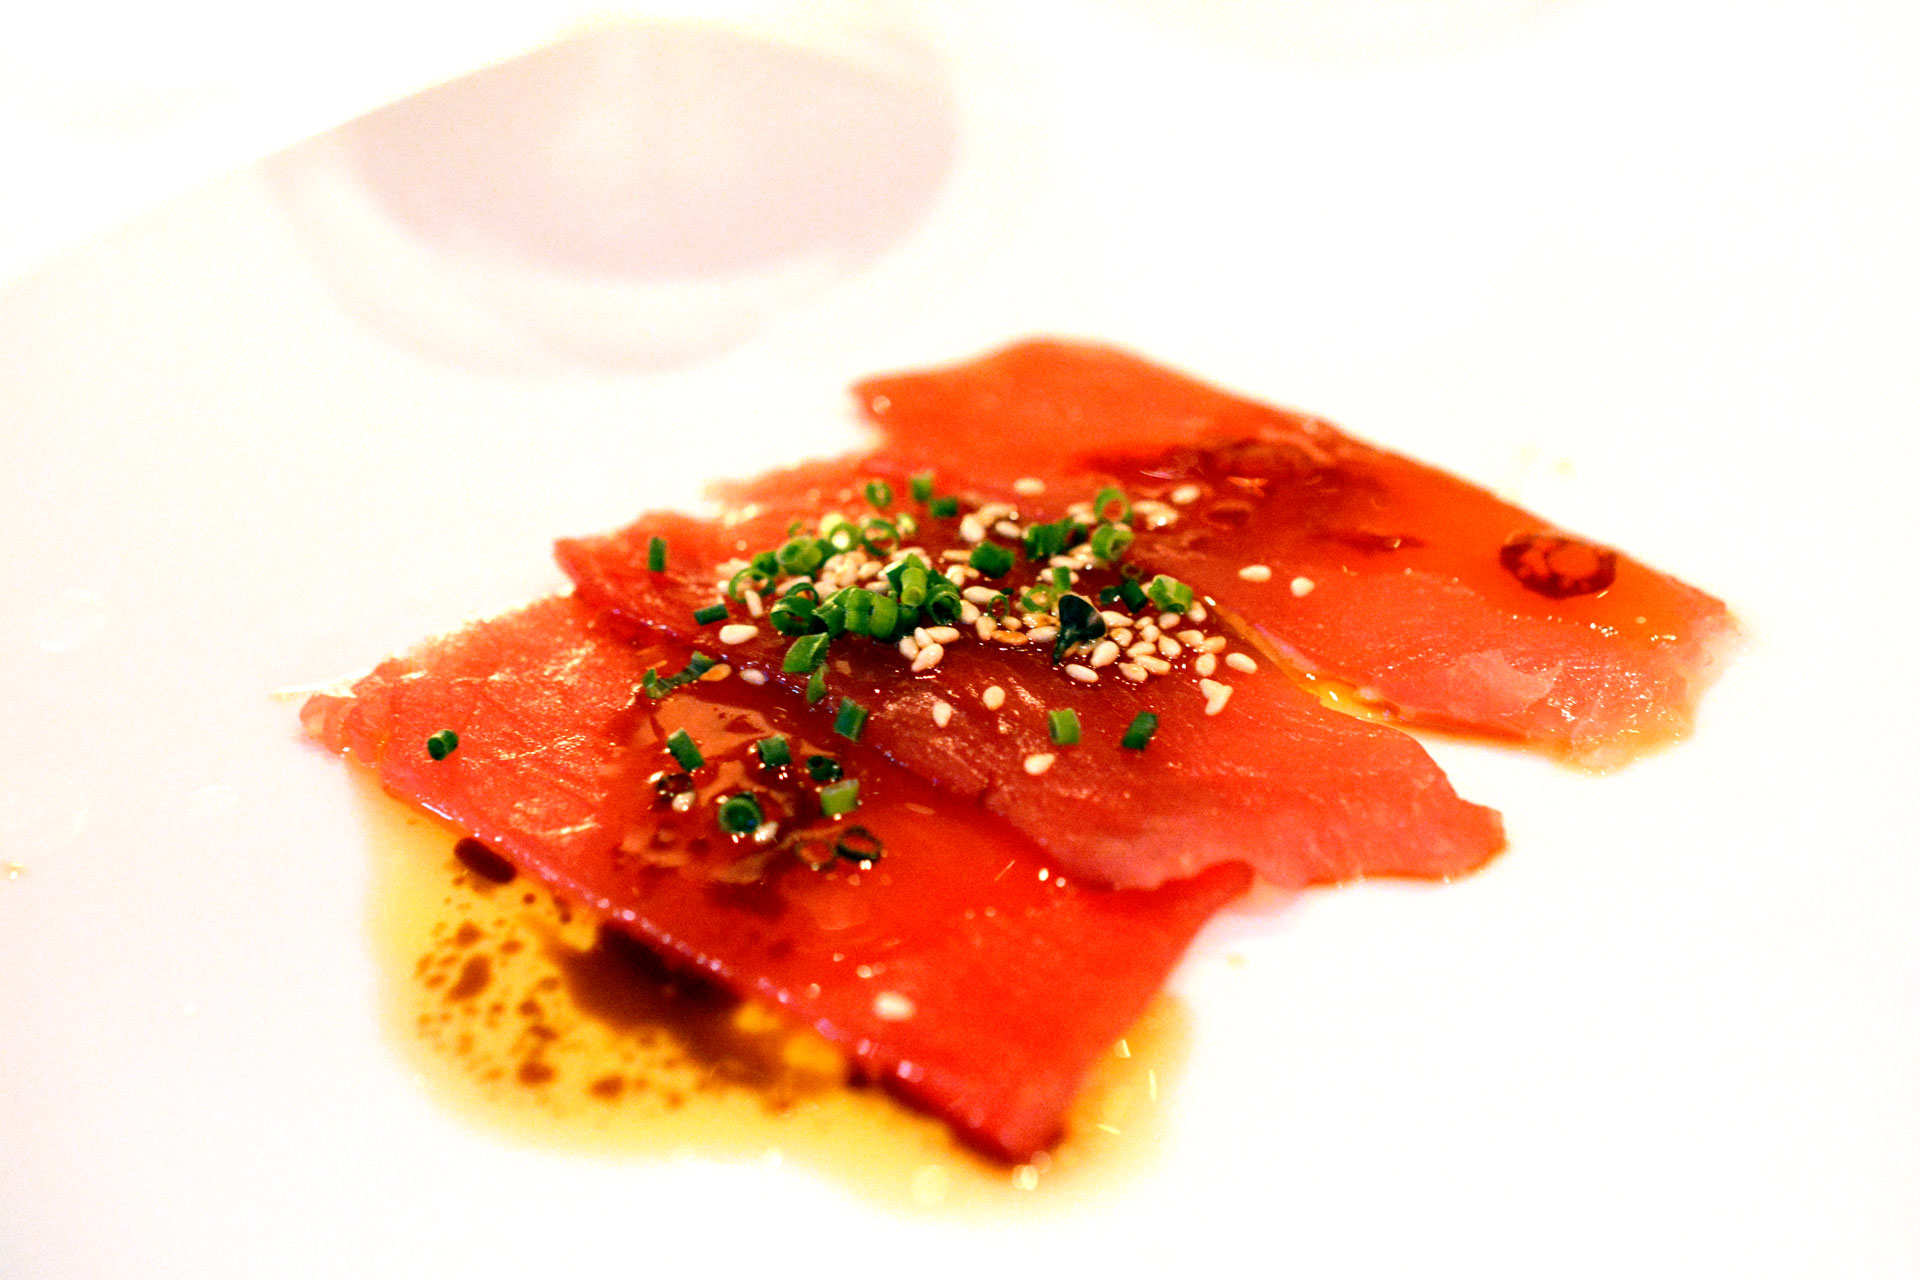 Rohes Thunfischfilet dünn geschnitten auf Feigencreme